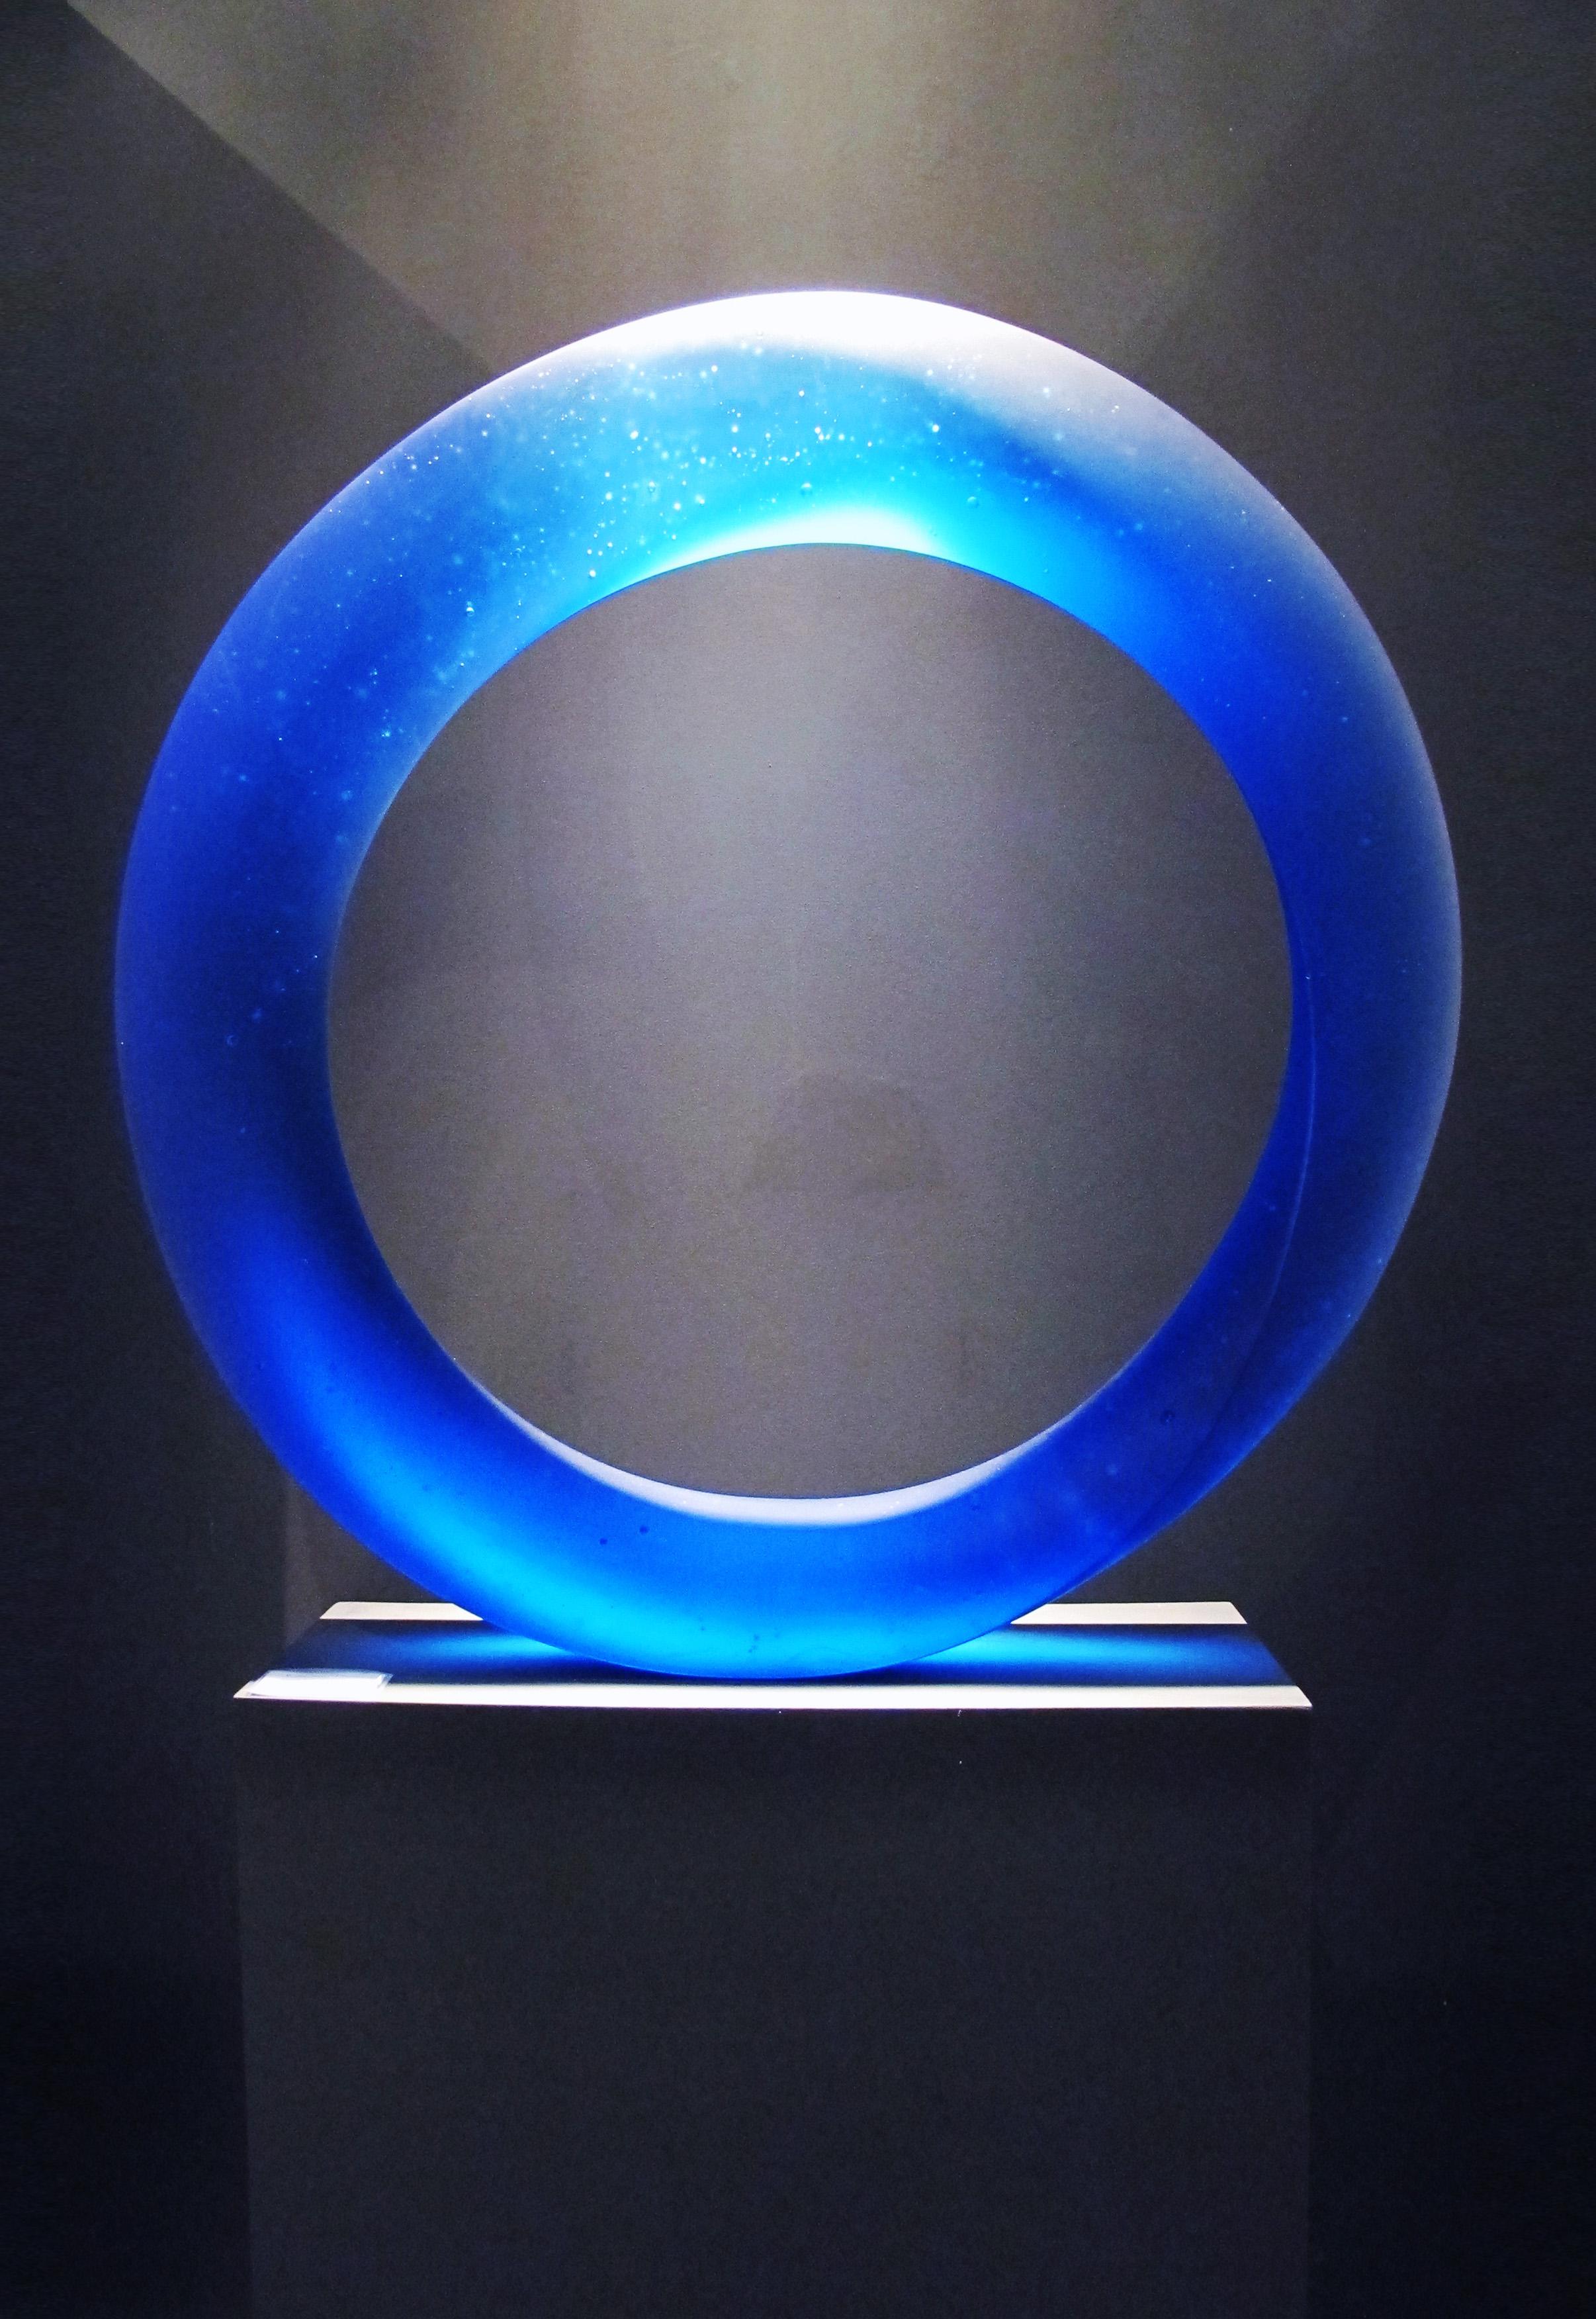 The Best of Glass Art - Štepán Pala - Infinity Blue glass sculpture The Best of Glass Sculpture Art: Štepán Pala The Best of Glass Art   tep  n Pala Infinity Blue